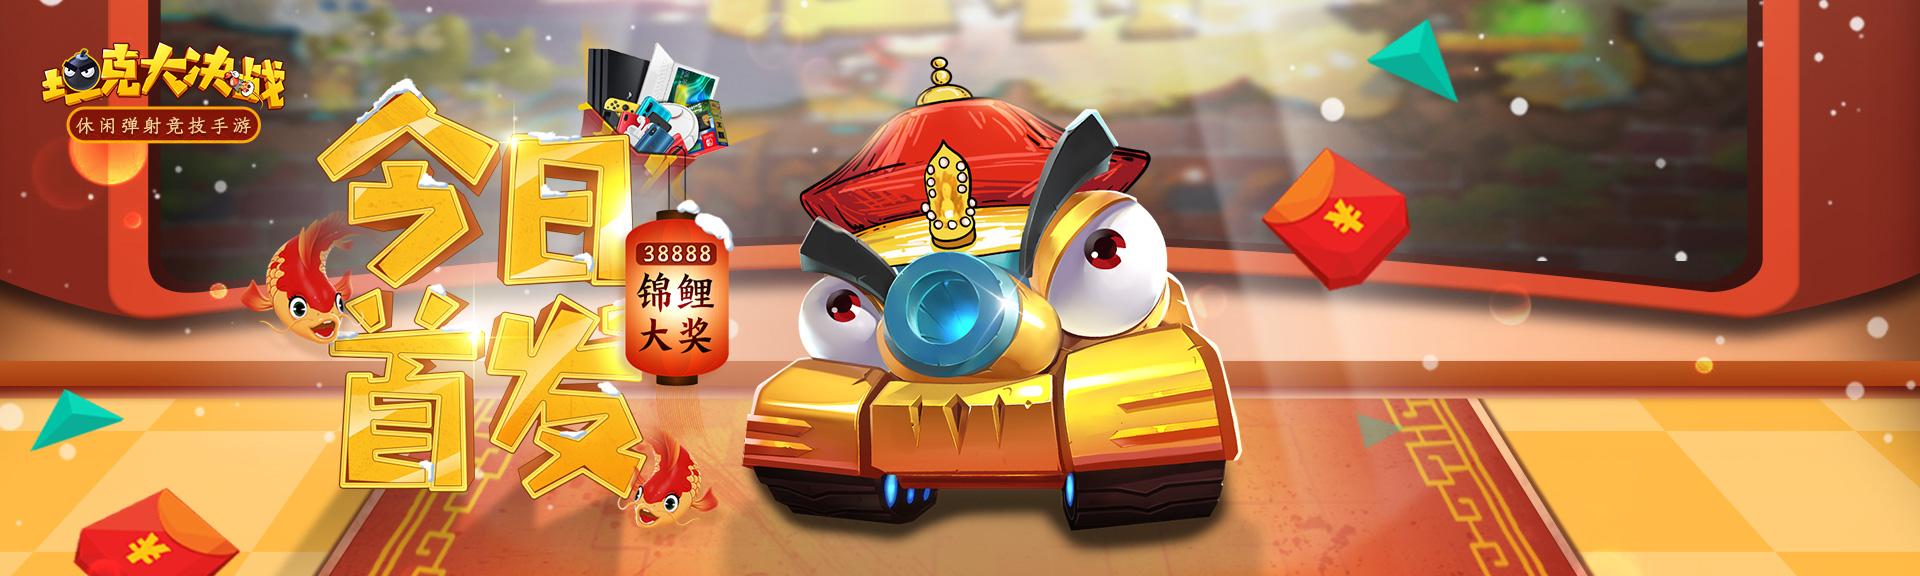 38888元寻找超级锦鲤 休闲弹射竞技手游《坦克大决战》今日首发